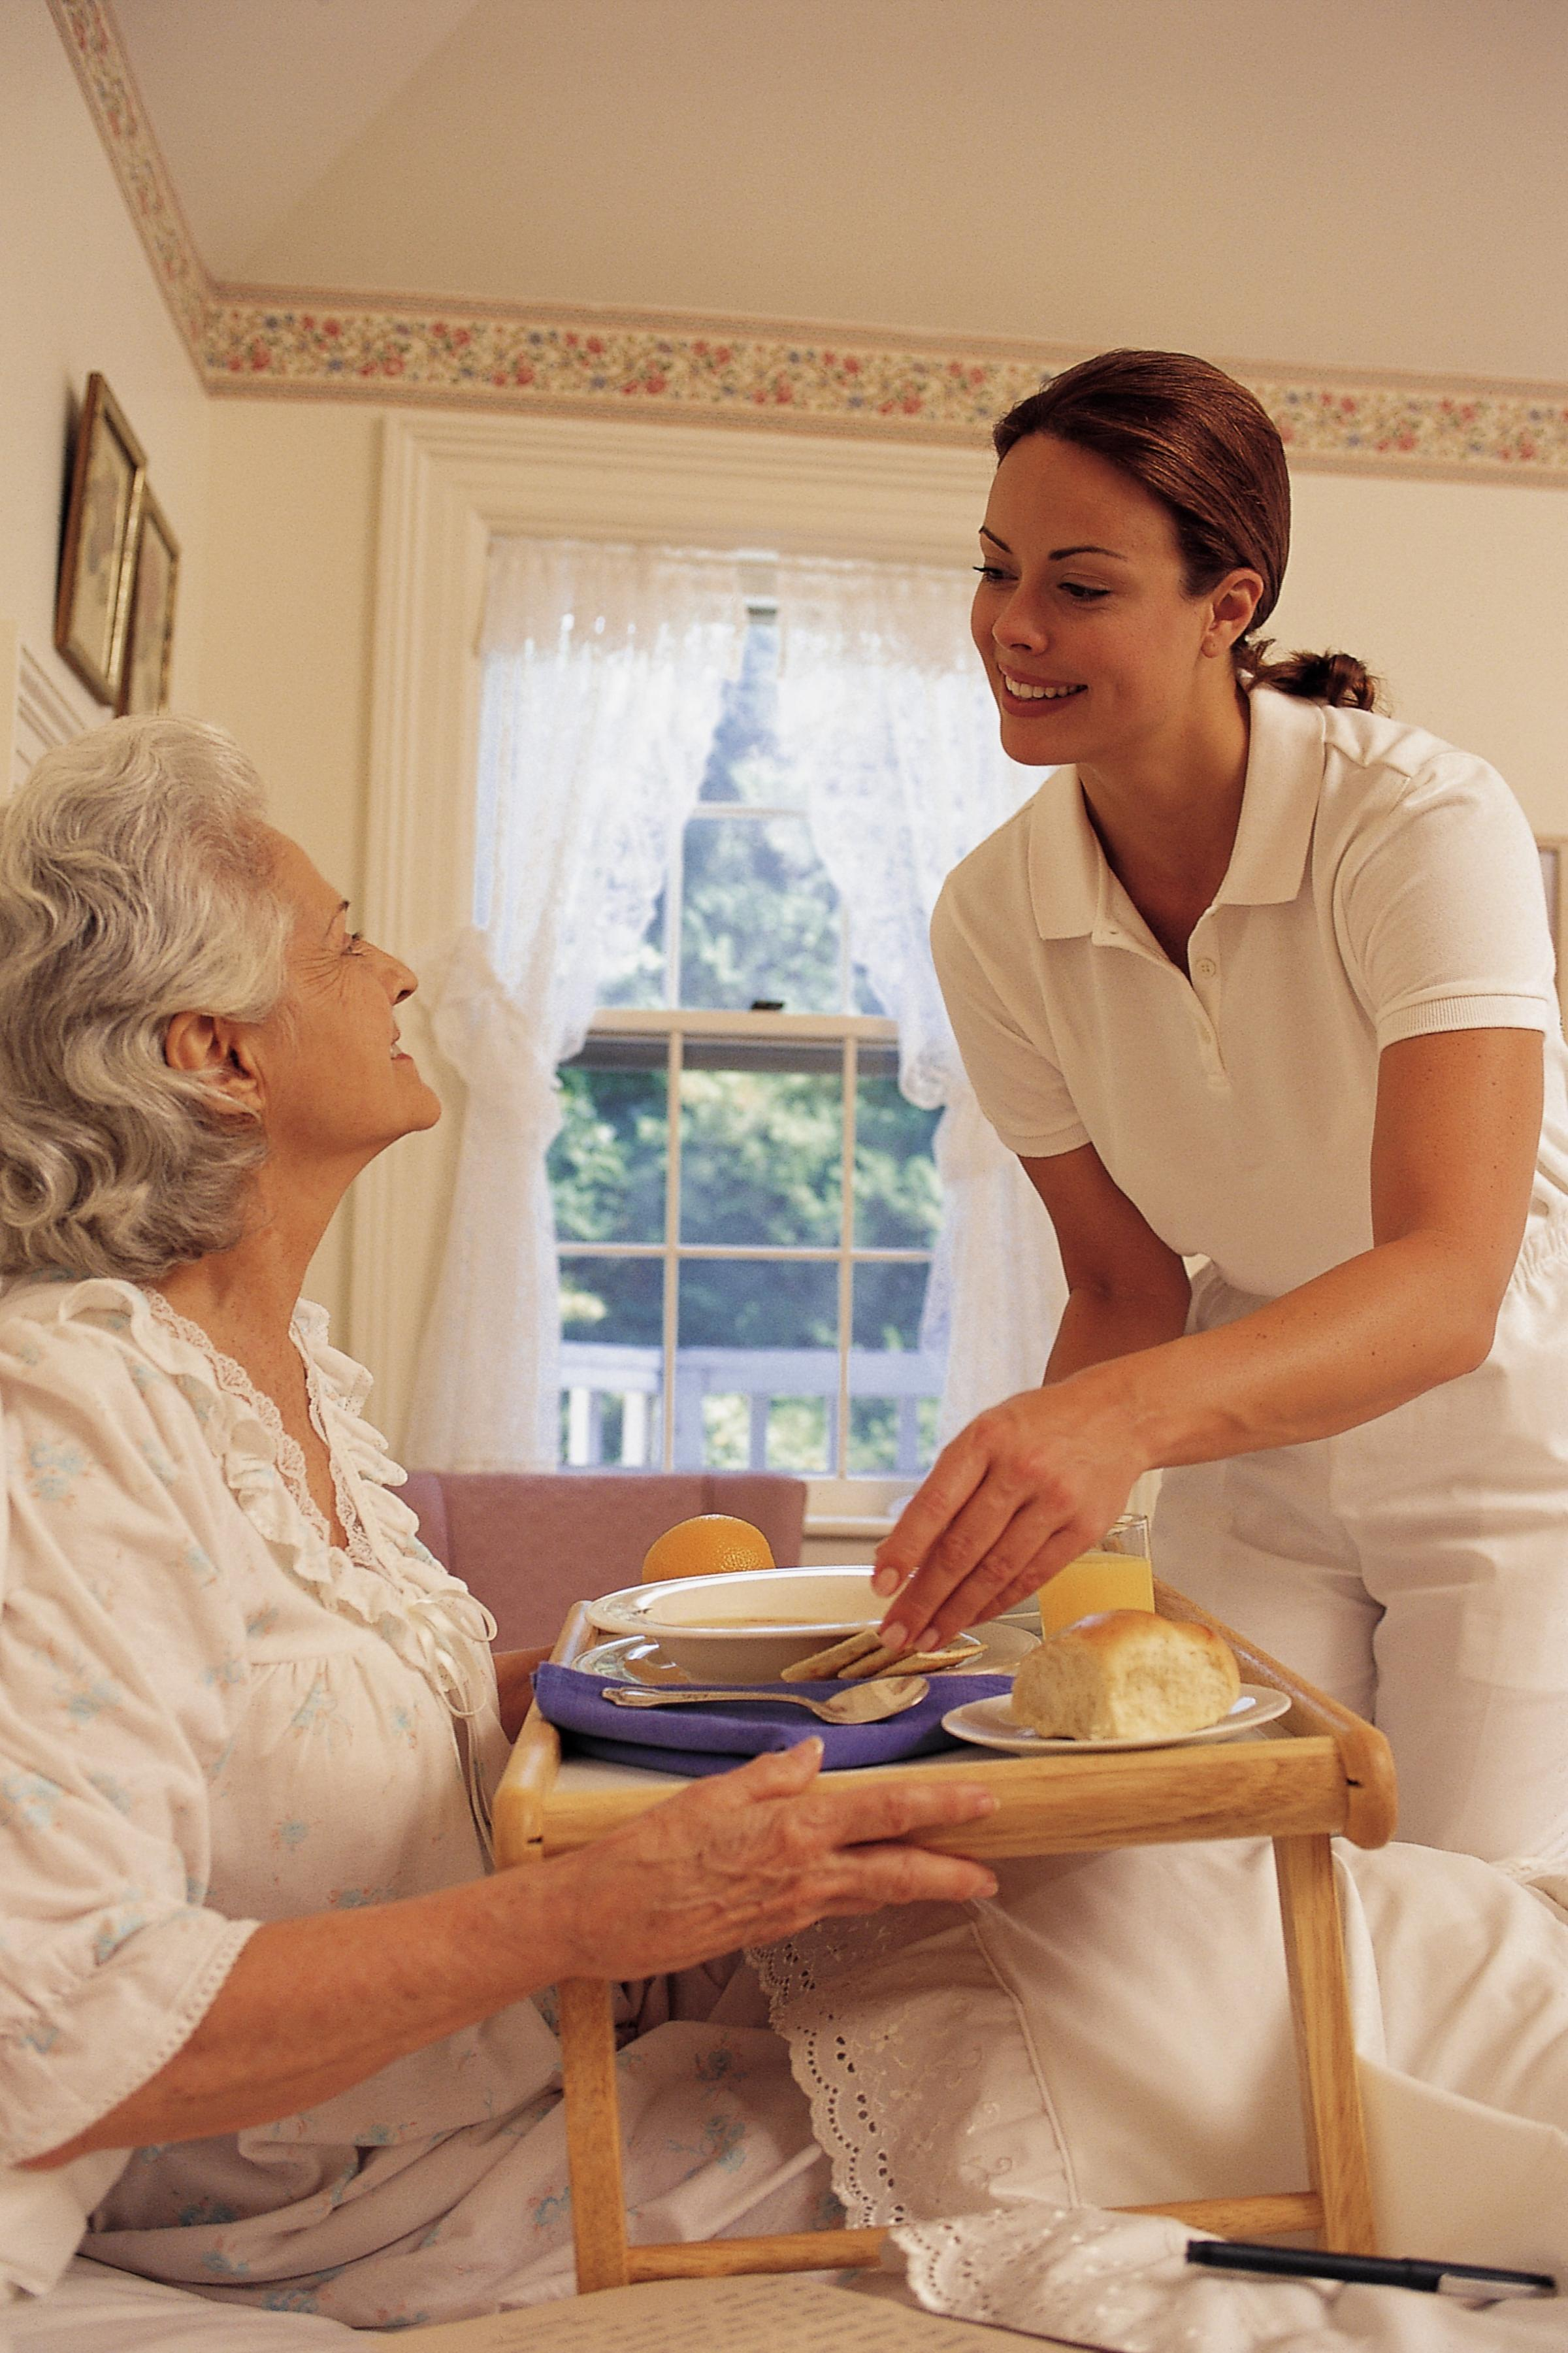 Ищу работу медсестры 21 фотография